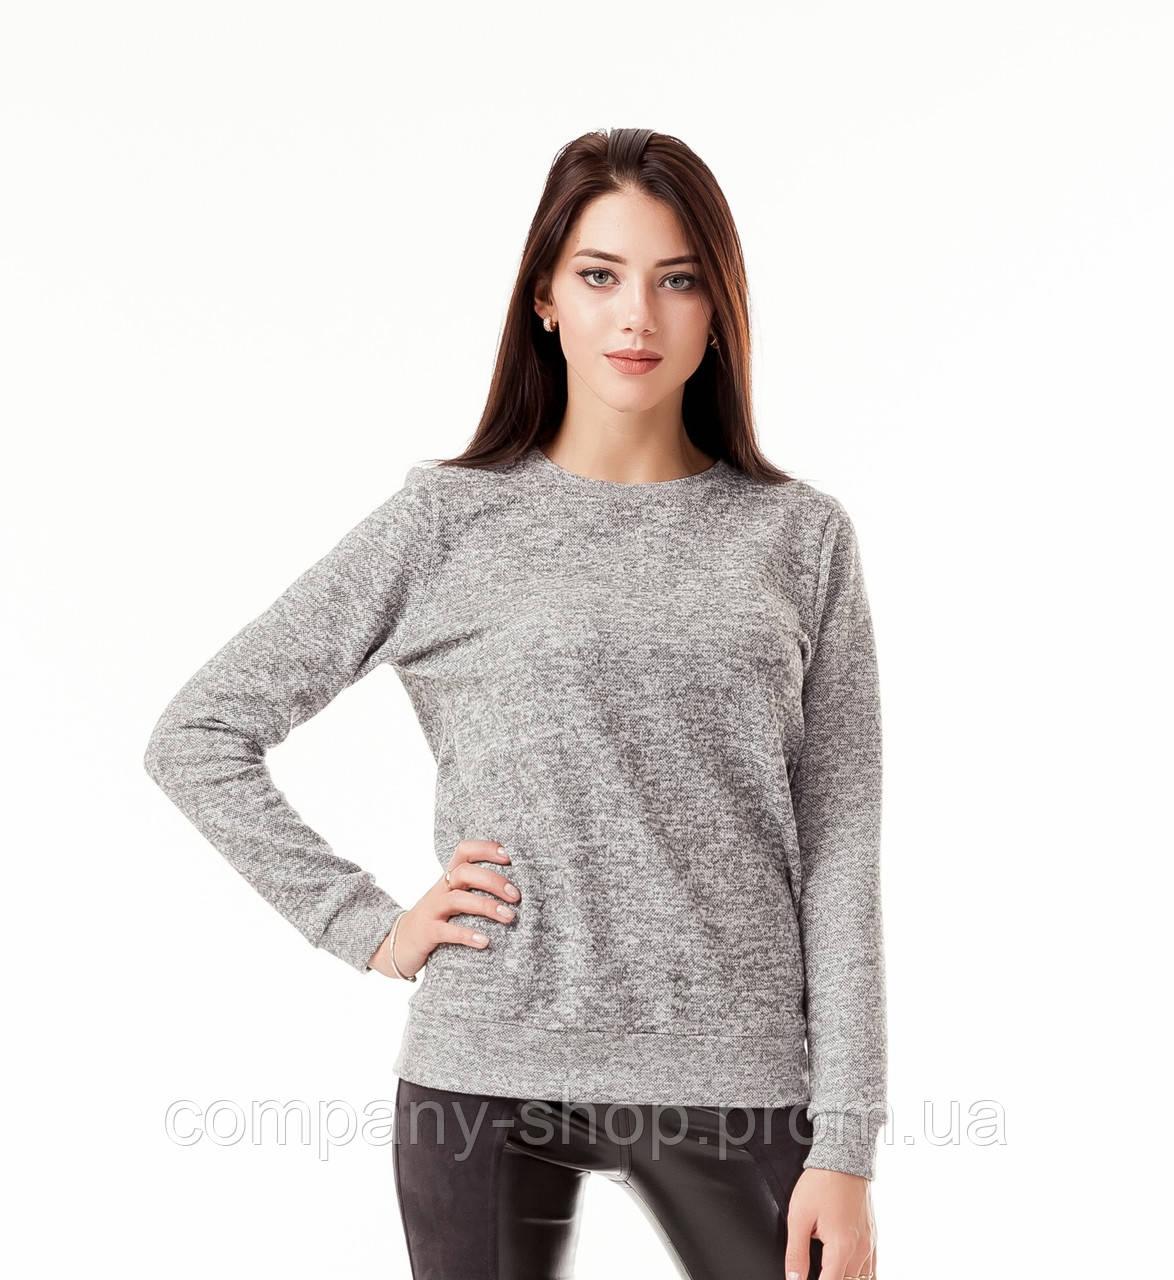 Джемпер женский  с манжетами. Модель К071_серая ангора.